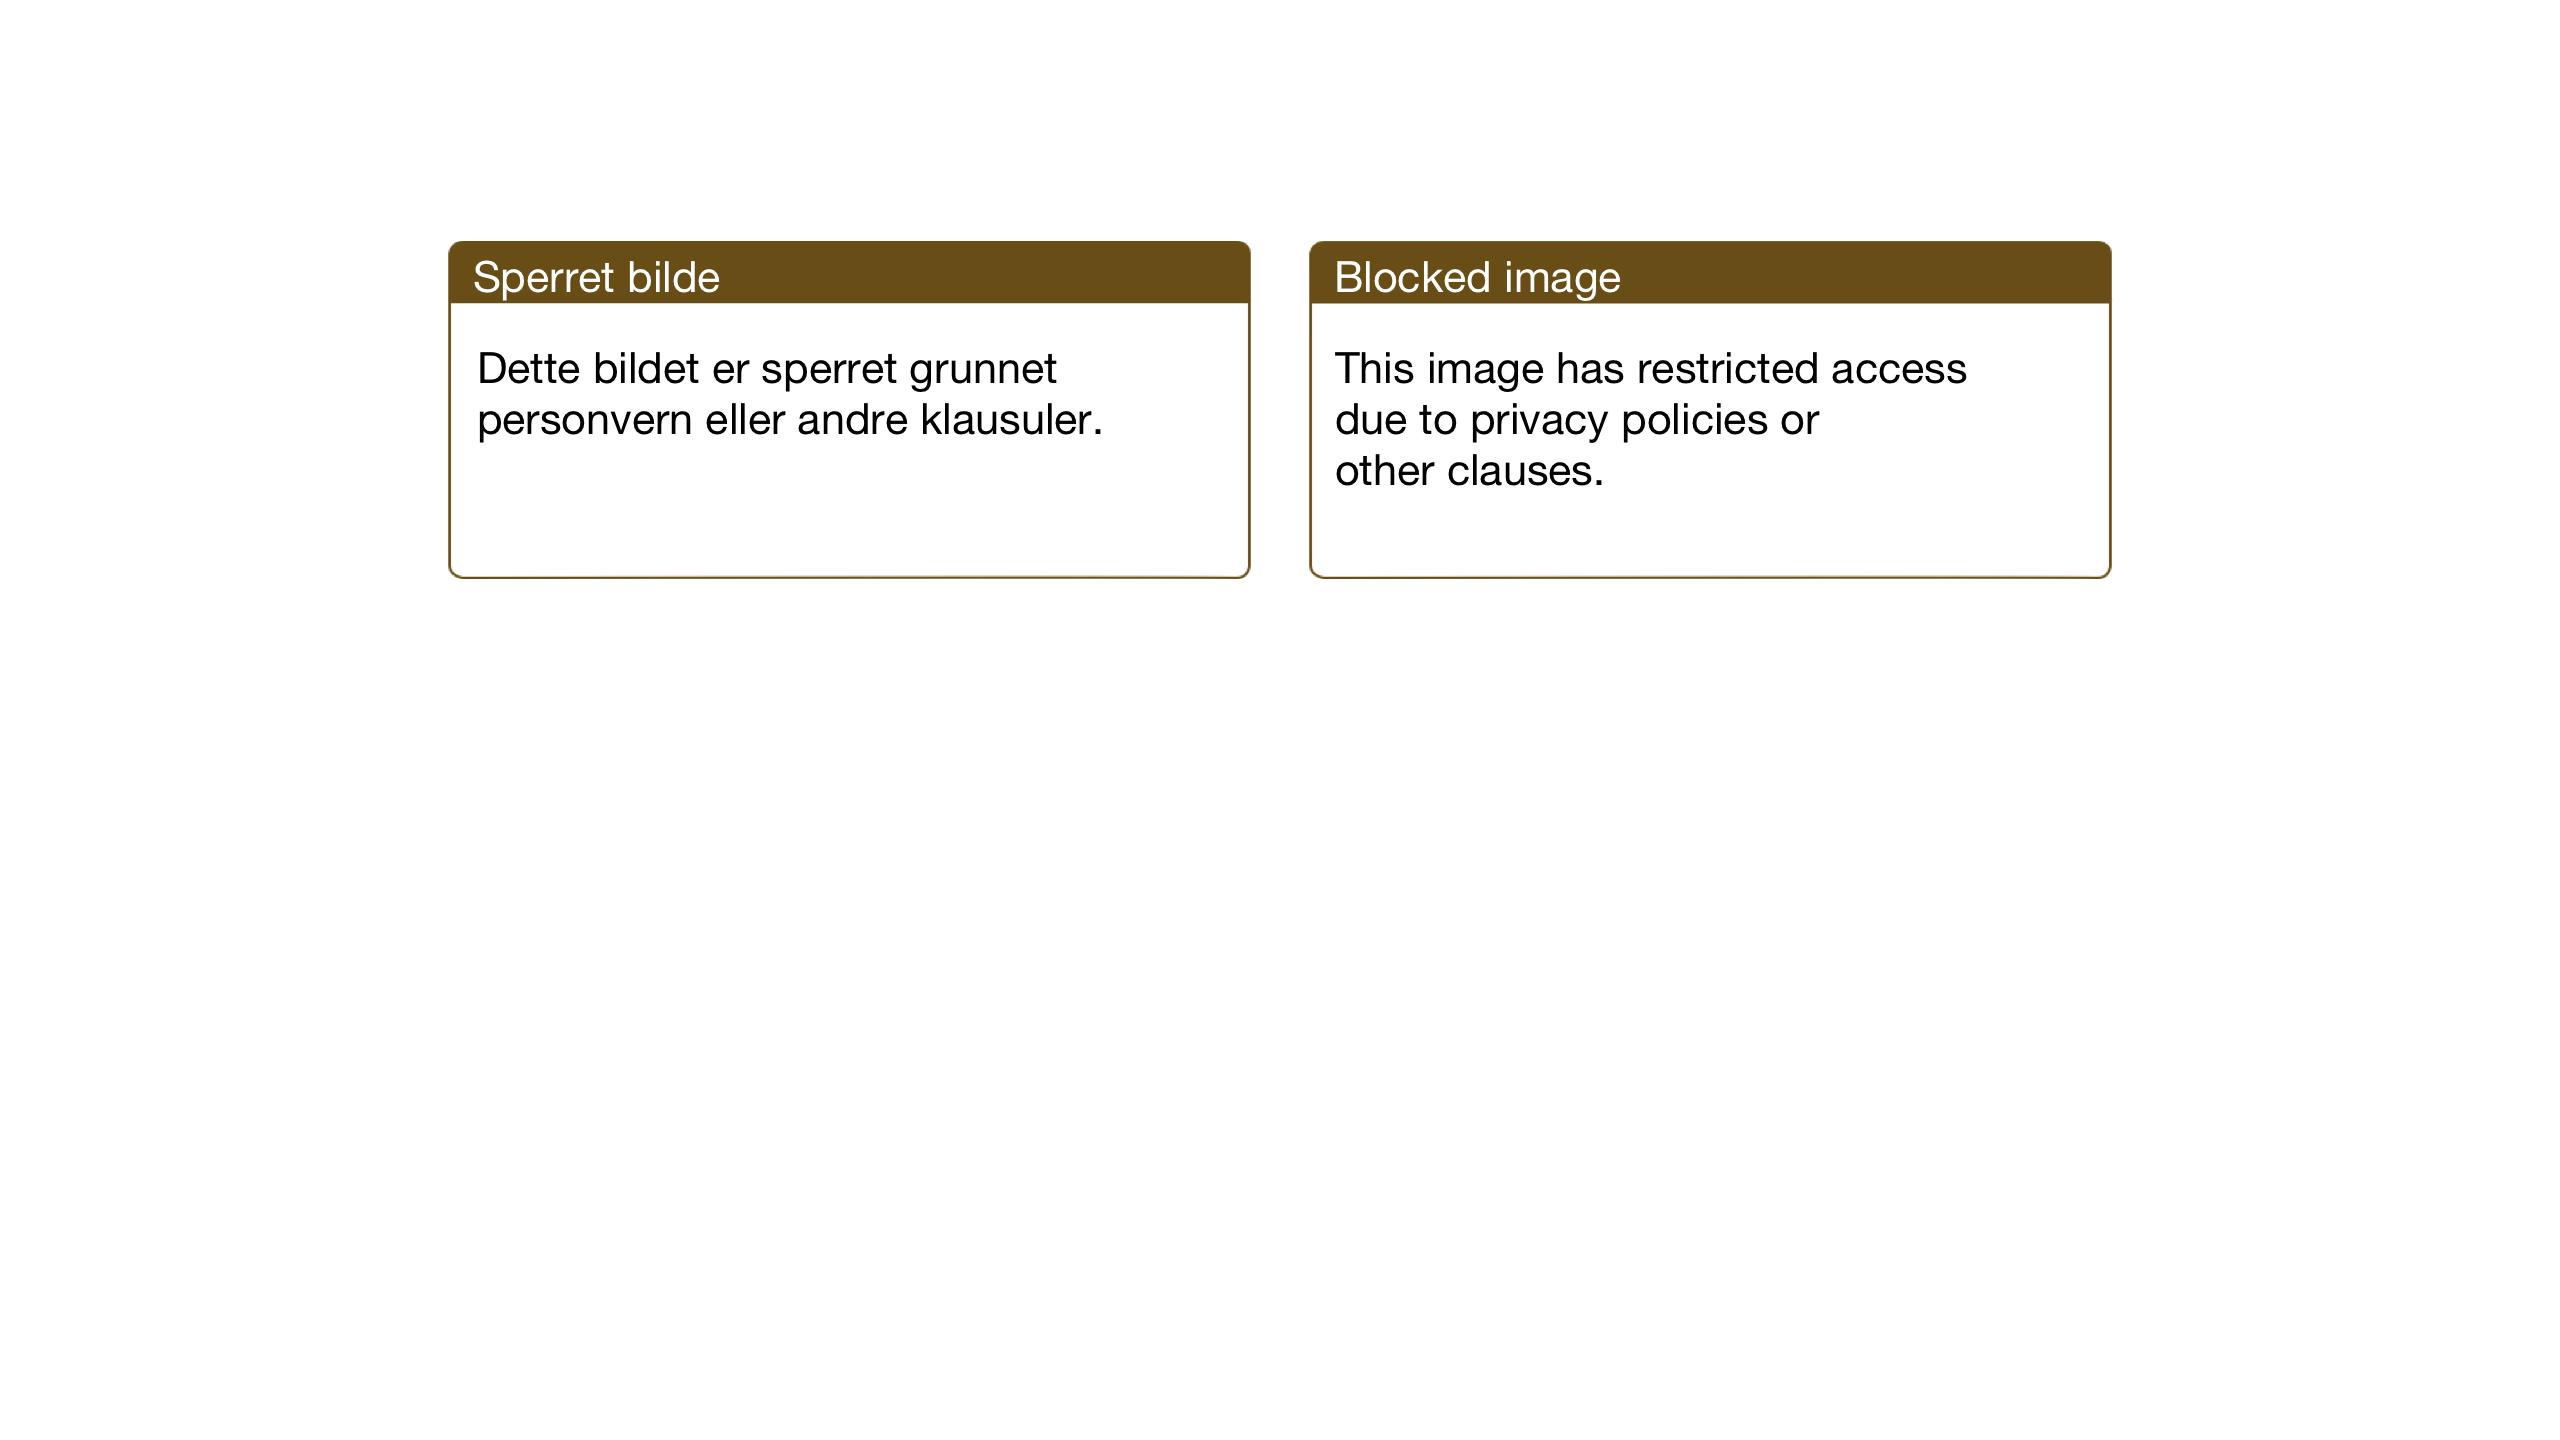 SAT, Ministerialprotokoller, klokkerbøker og fødselsregistre - Nord-Trøndelag, 709/L0089: Klokkerbok nr. 709C03, 1935-1948, s. 71